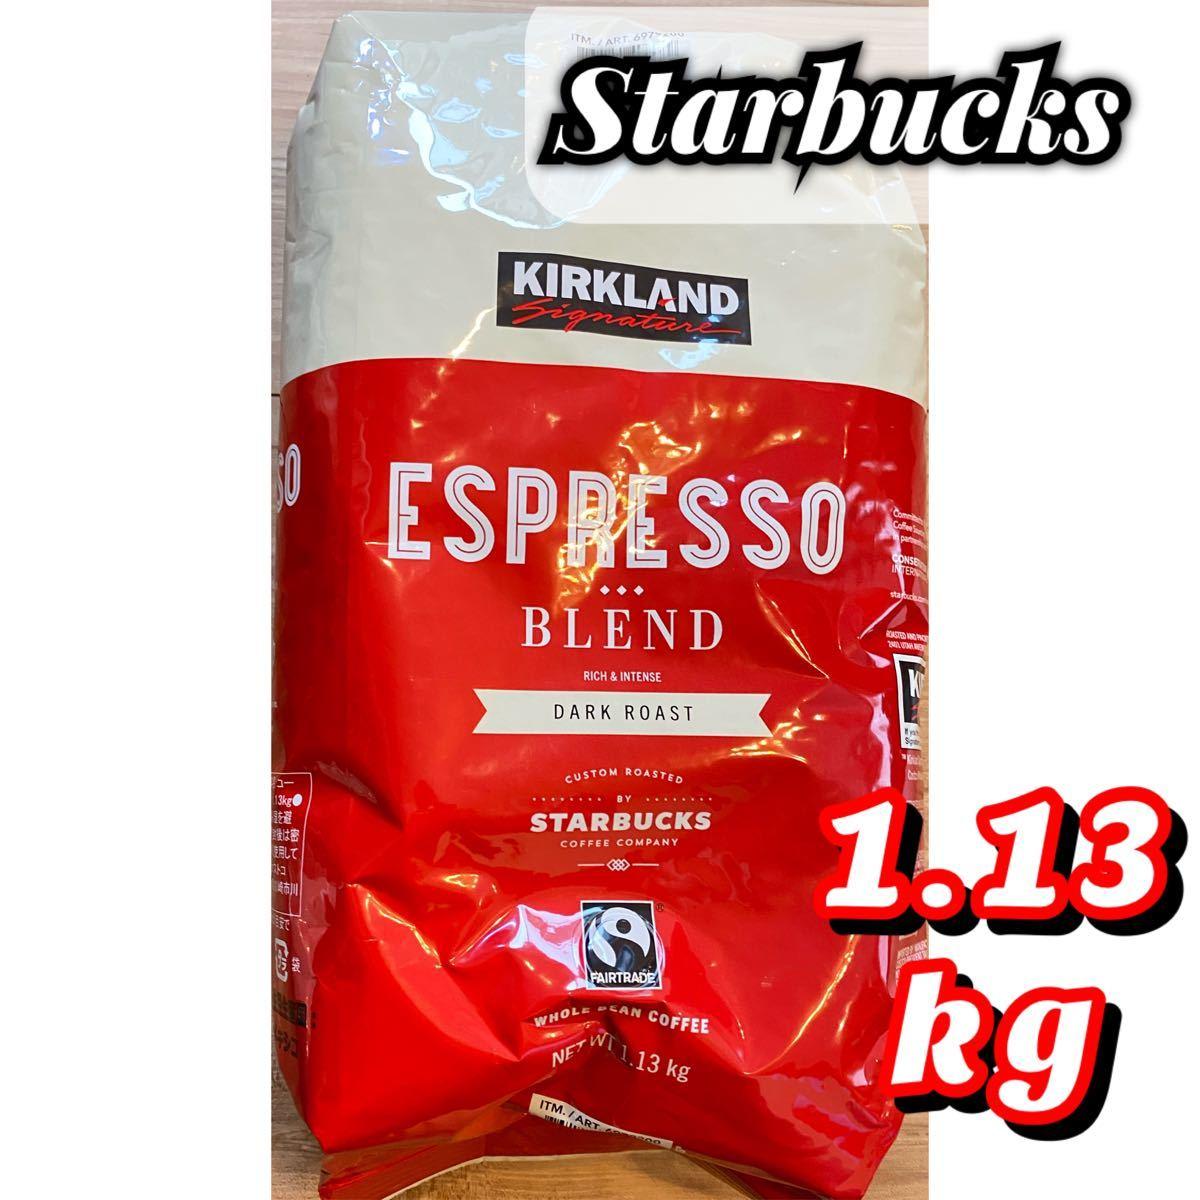 ナチュラルオーガニック スターバックス エスプレッソブレンド コーヒー豆